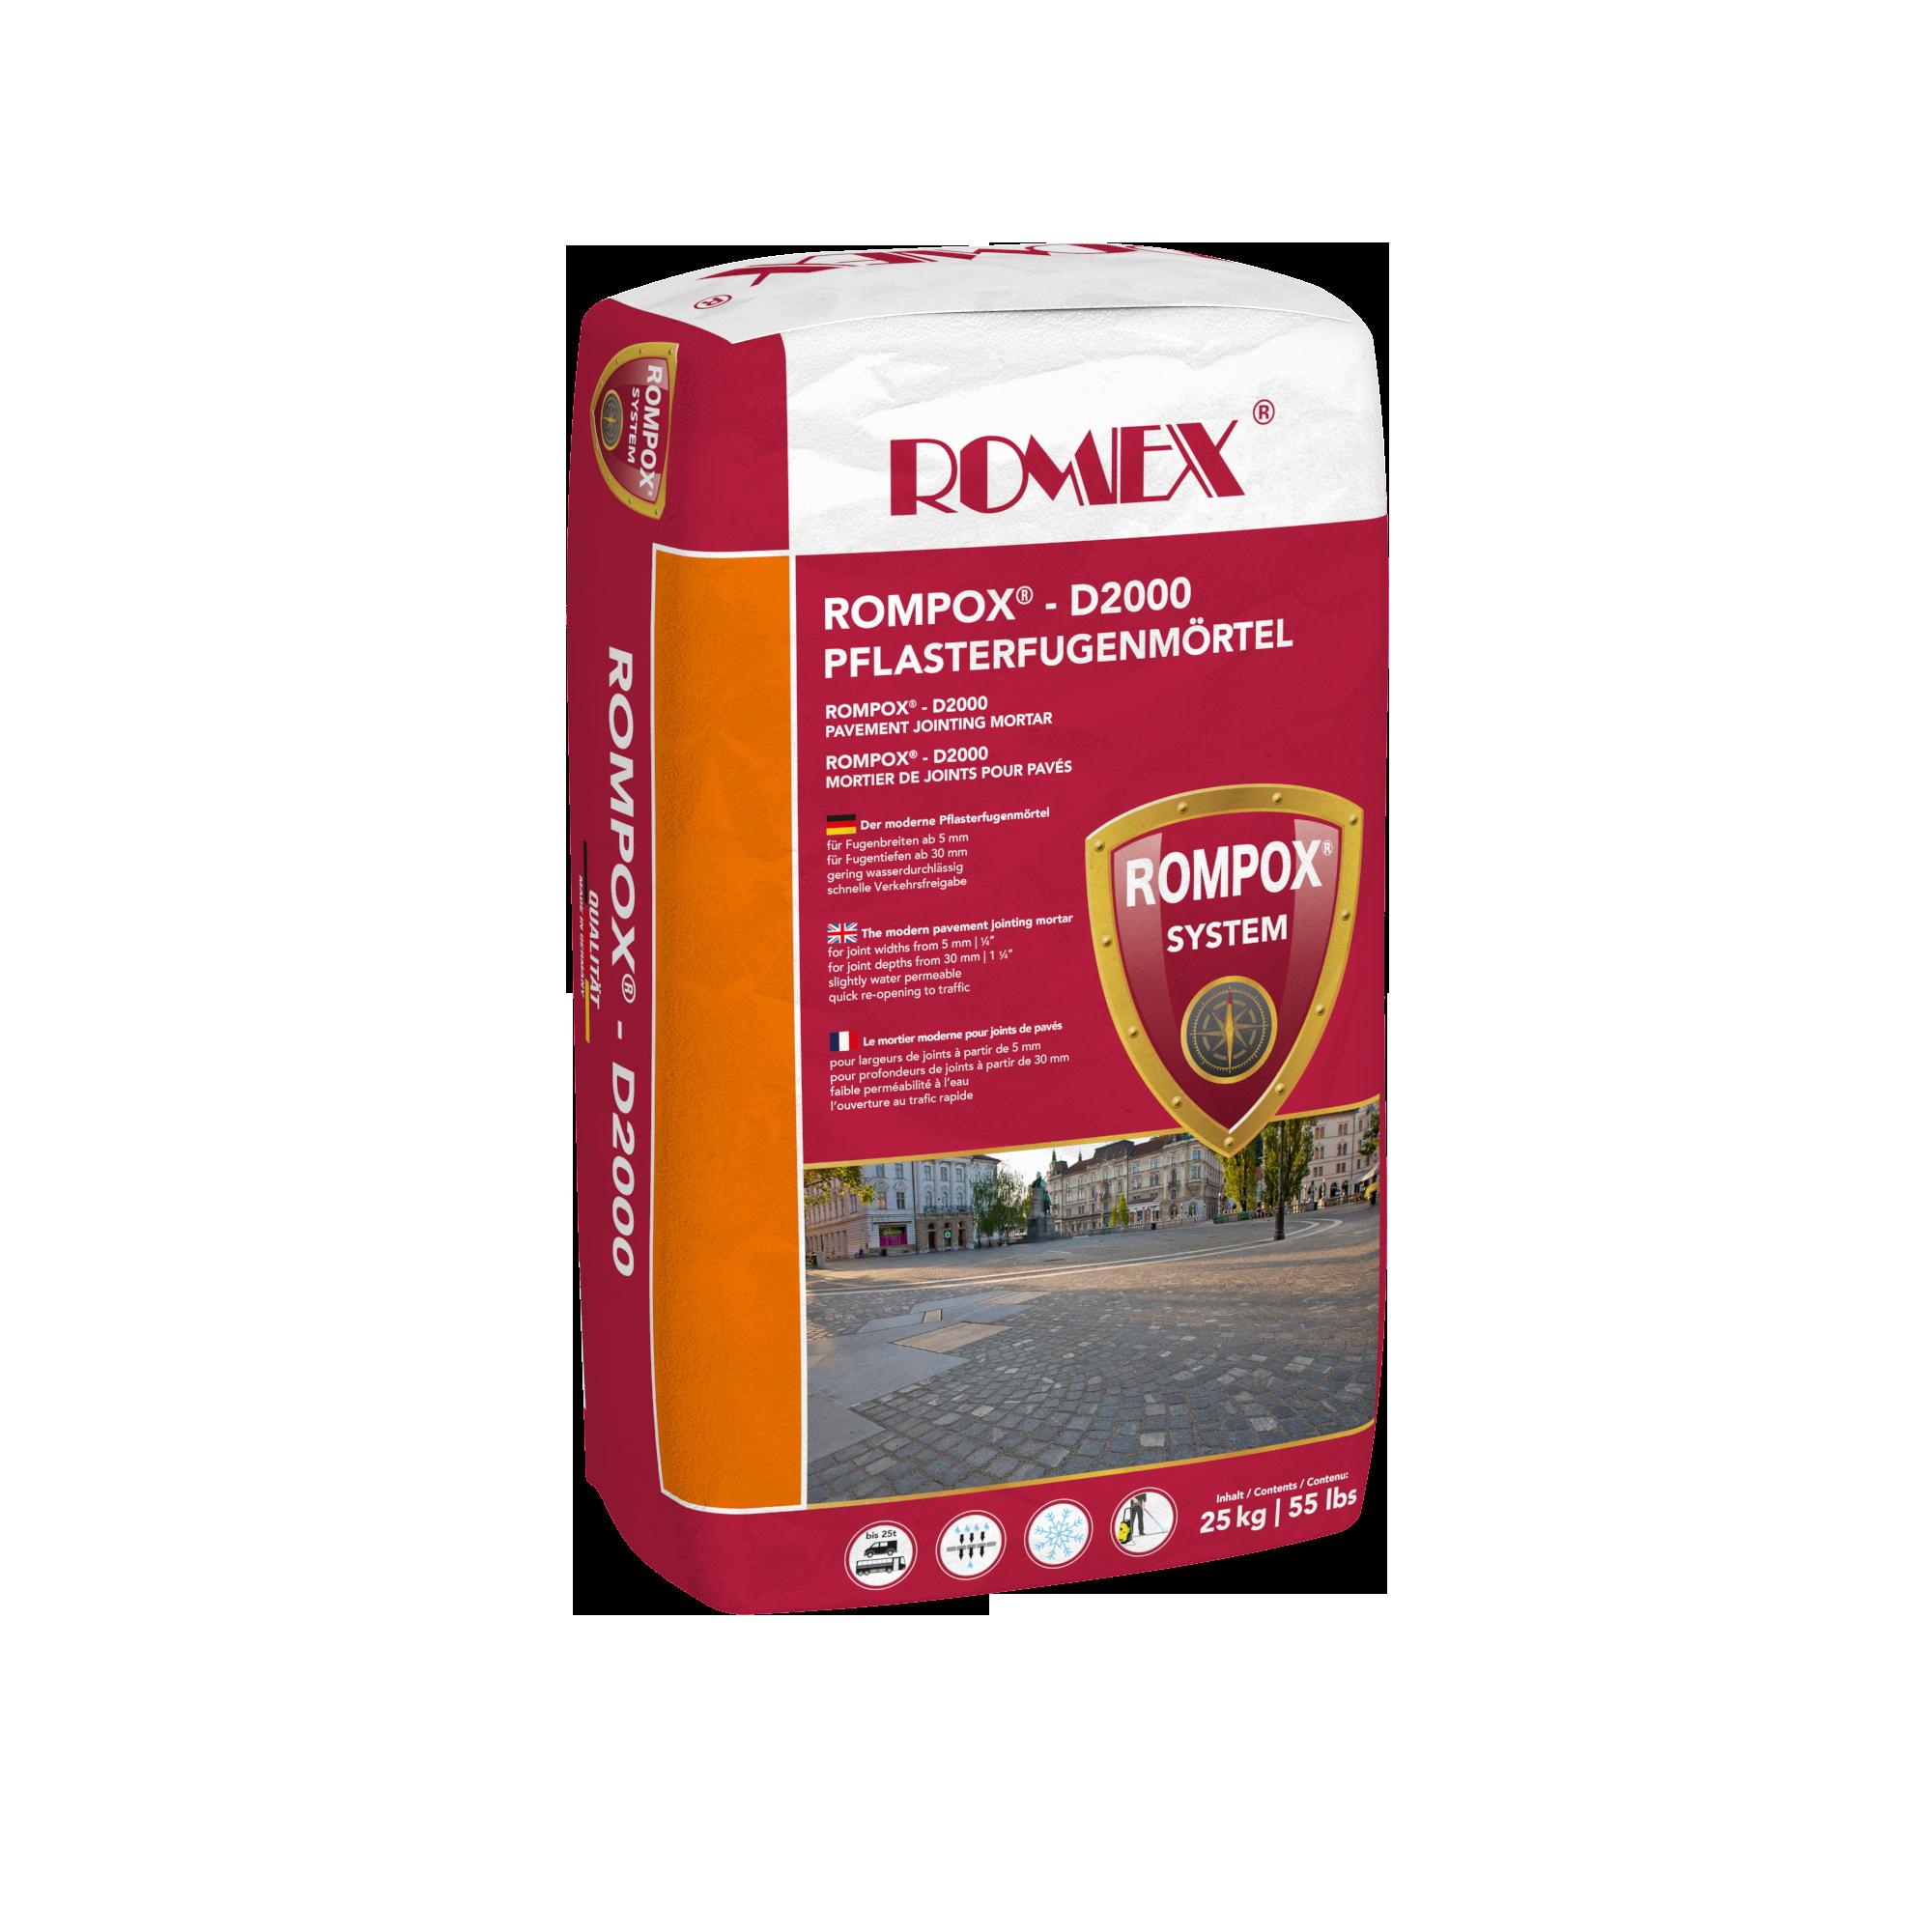 ROMPOX® - D2000 27,5 Kg